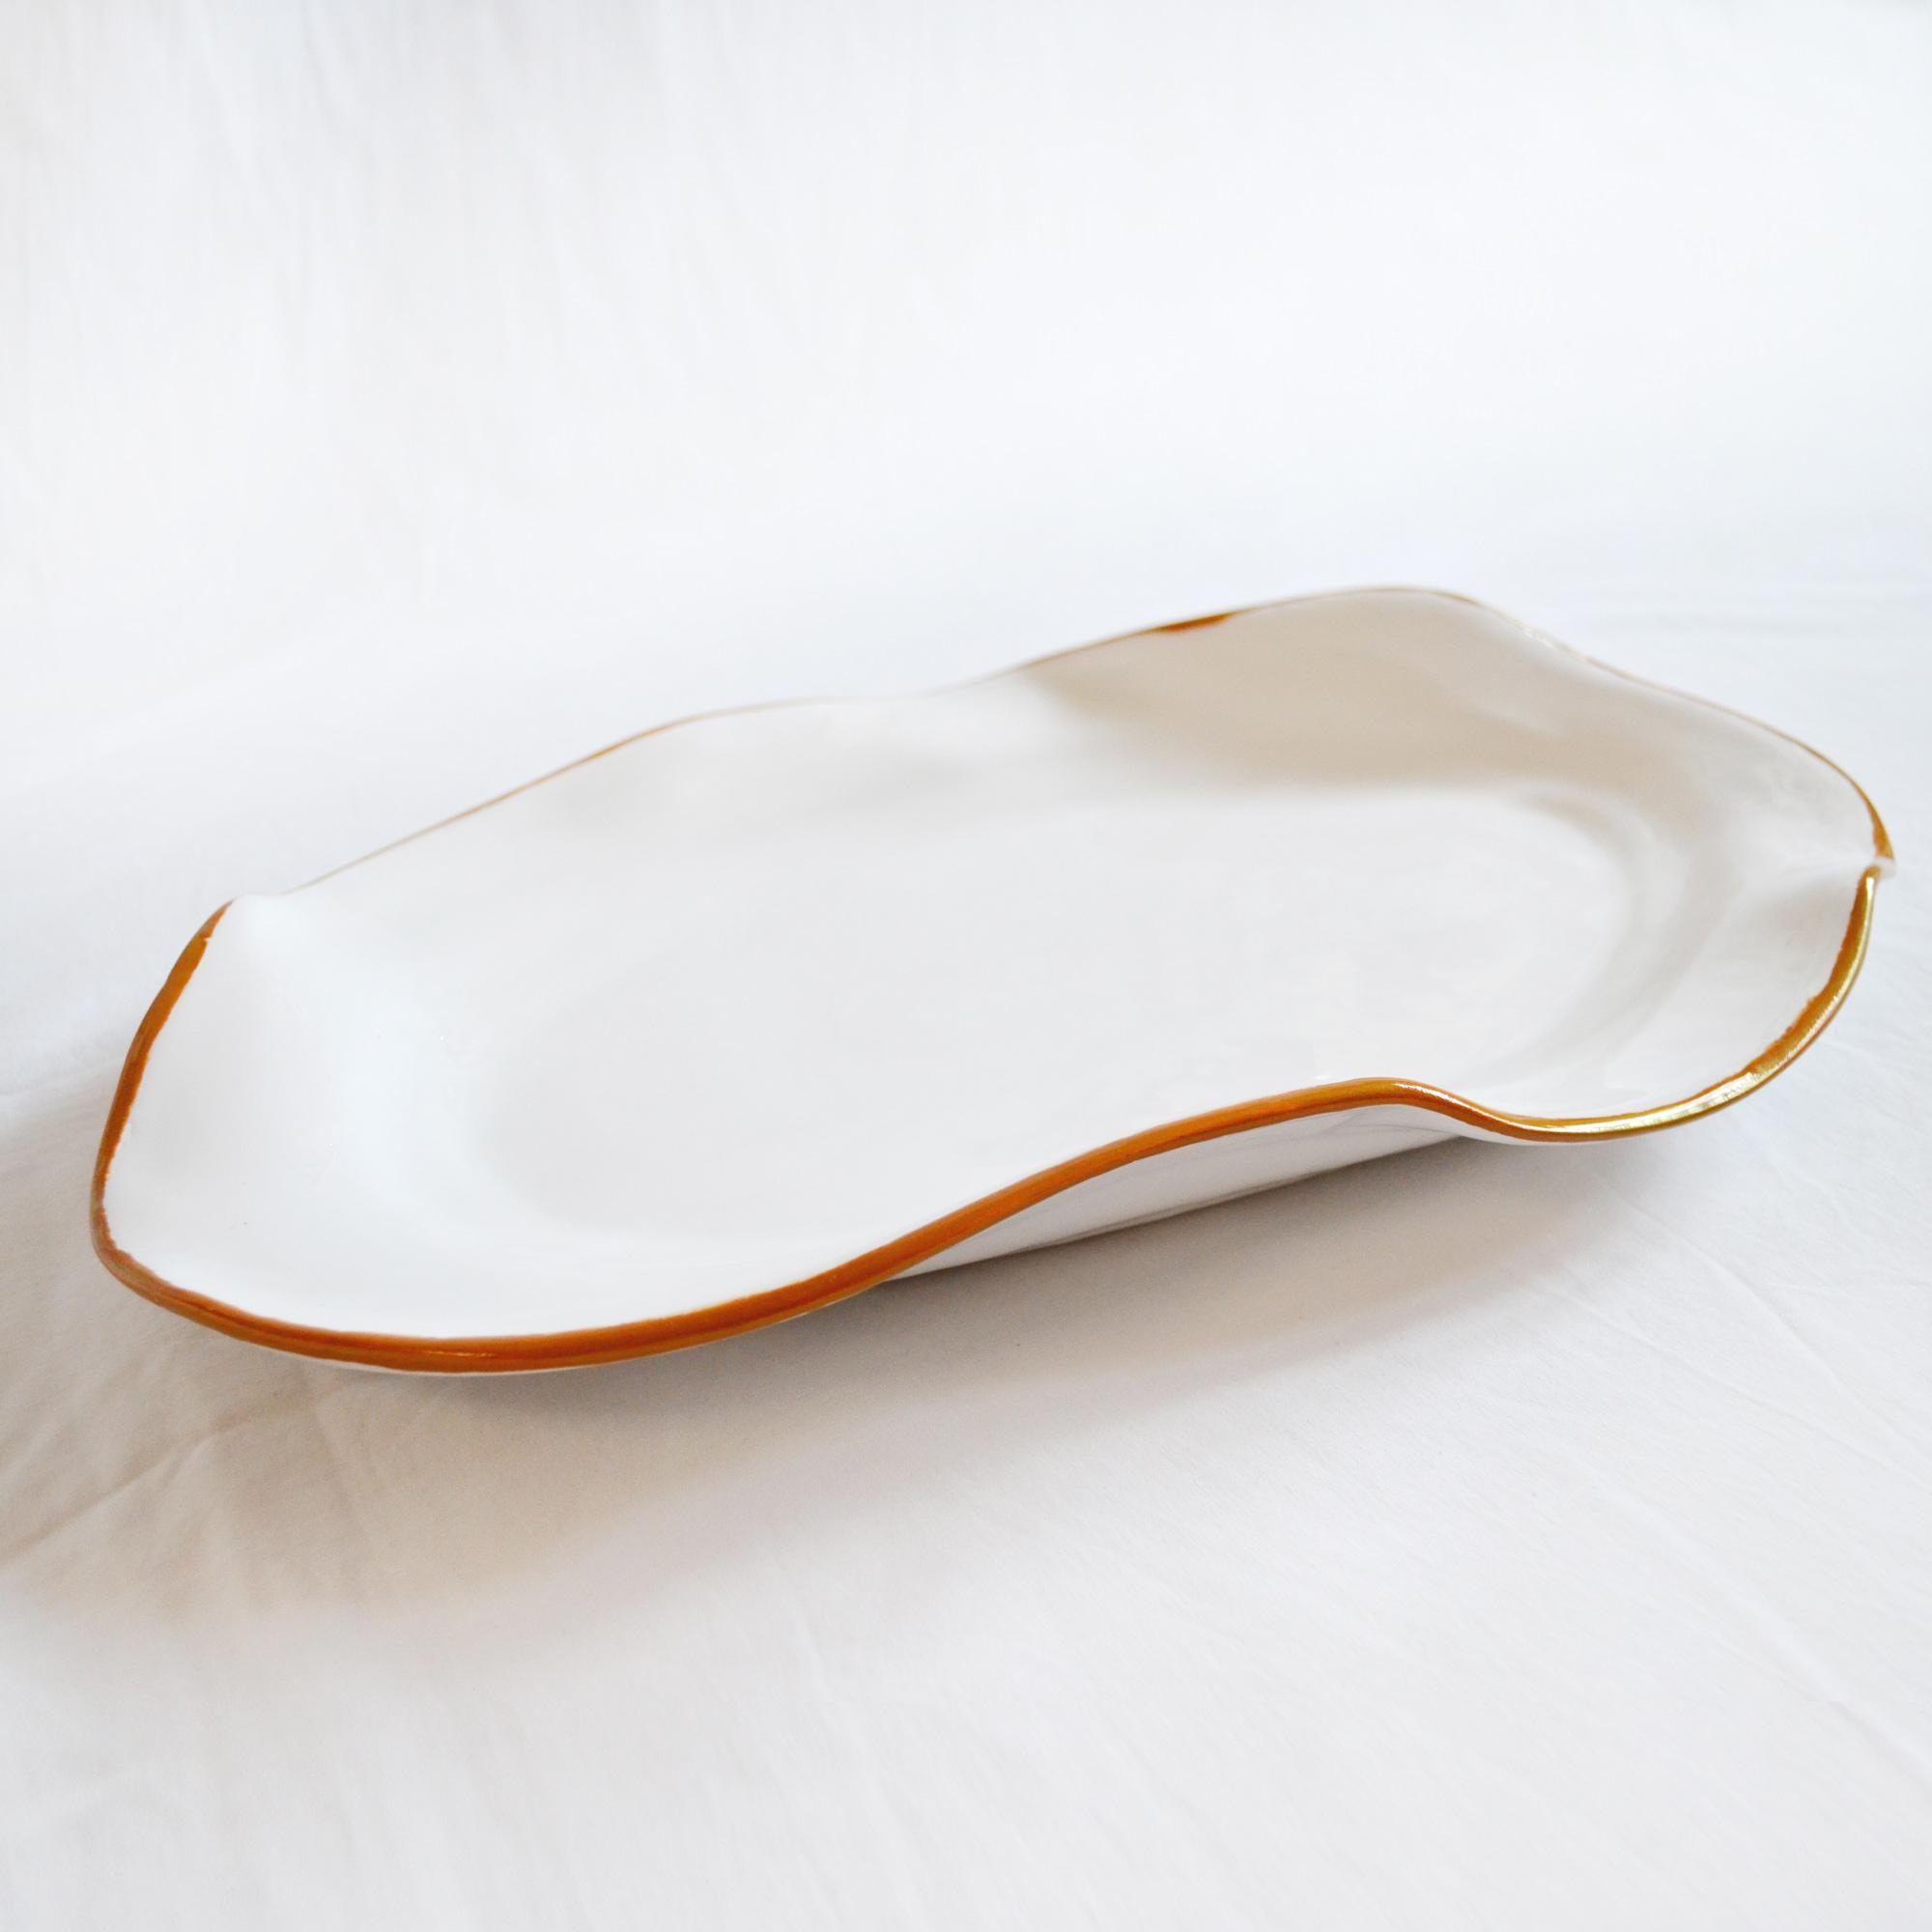 bandeja fuente salsera ceramica hecha a mano